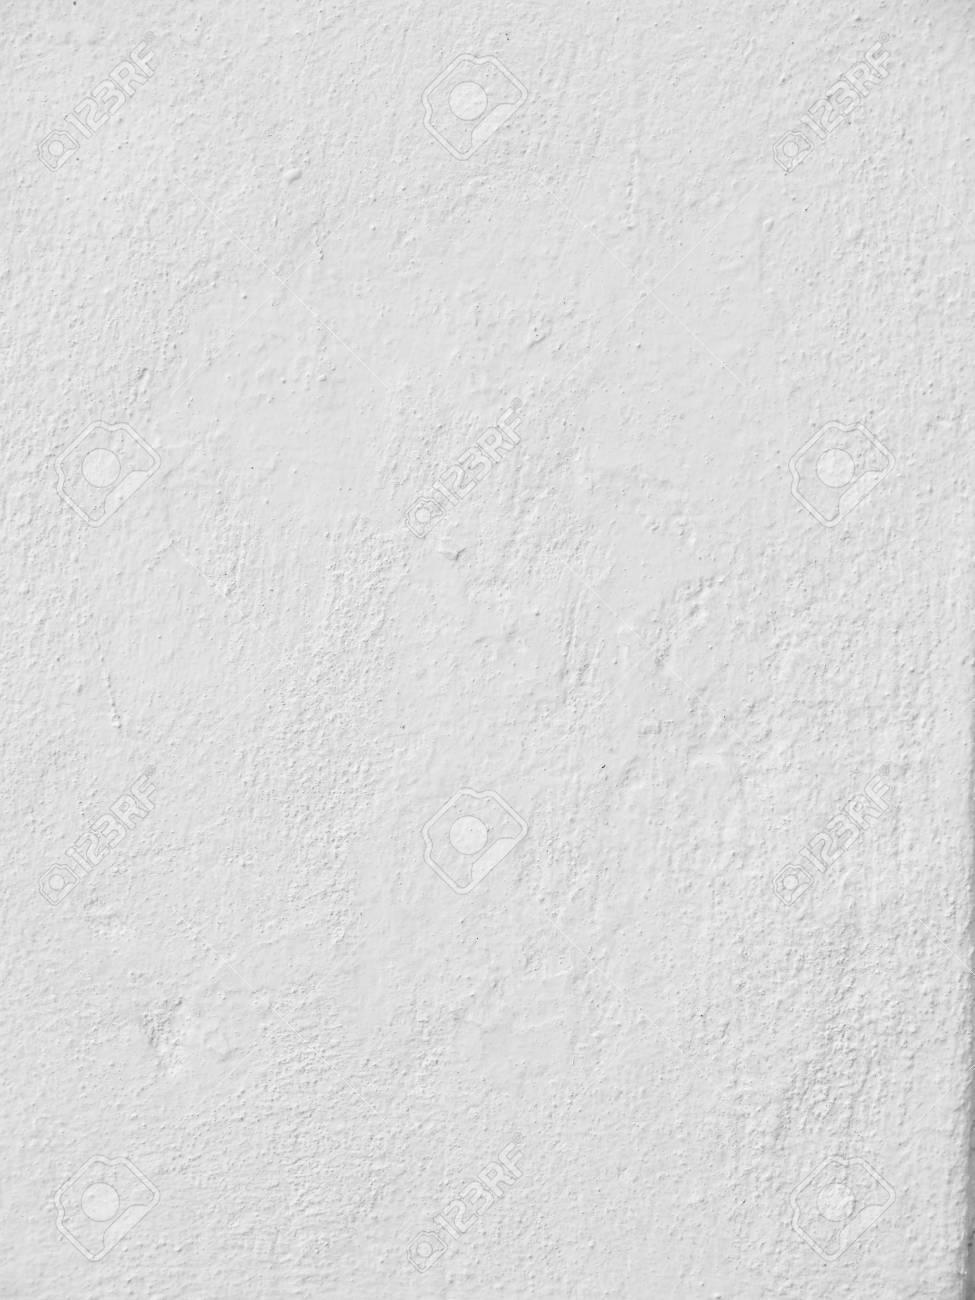 weiß zement-putz wand textur hintergrund lizenzfreie fotos, bilder